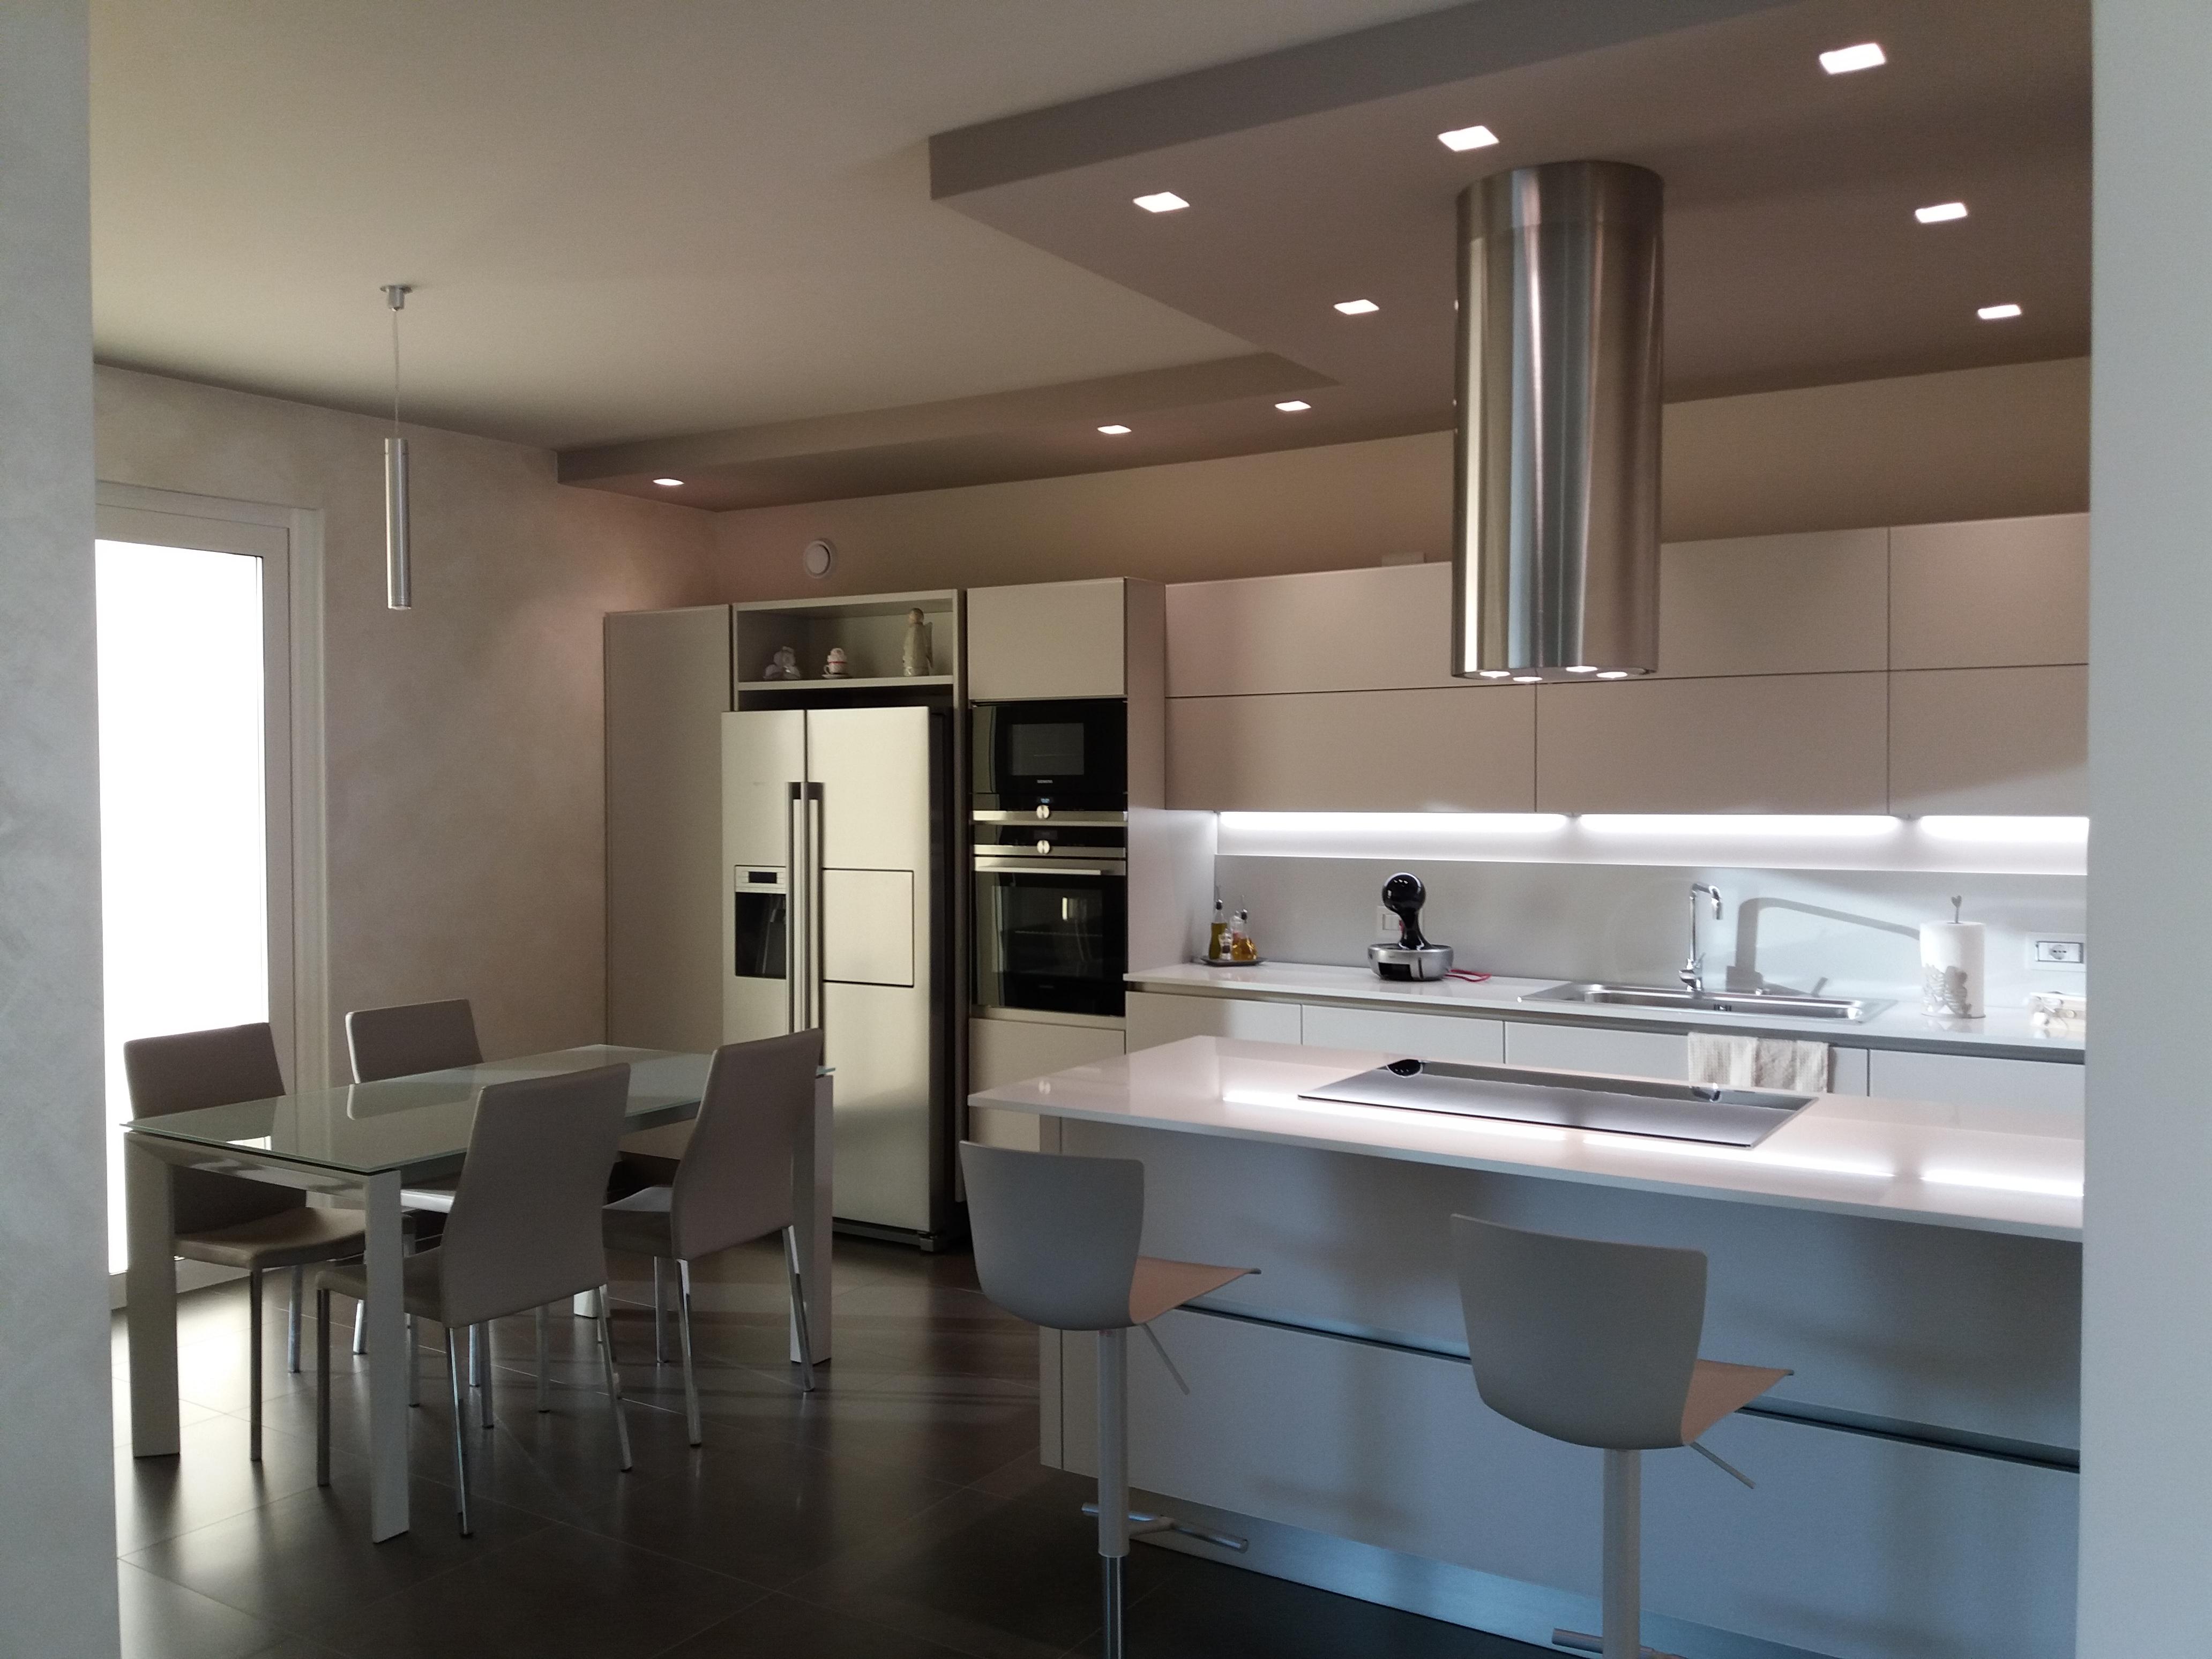 Cucina -RI-FLEX- Veneta Cucine - Minelle Arredamenti